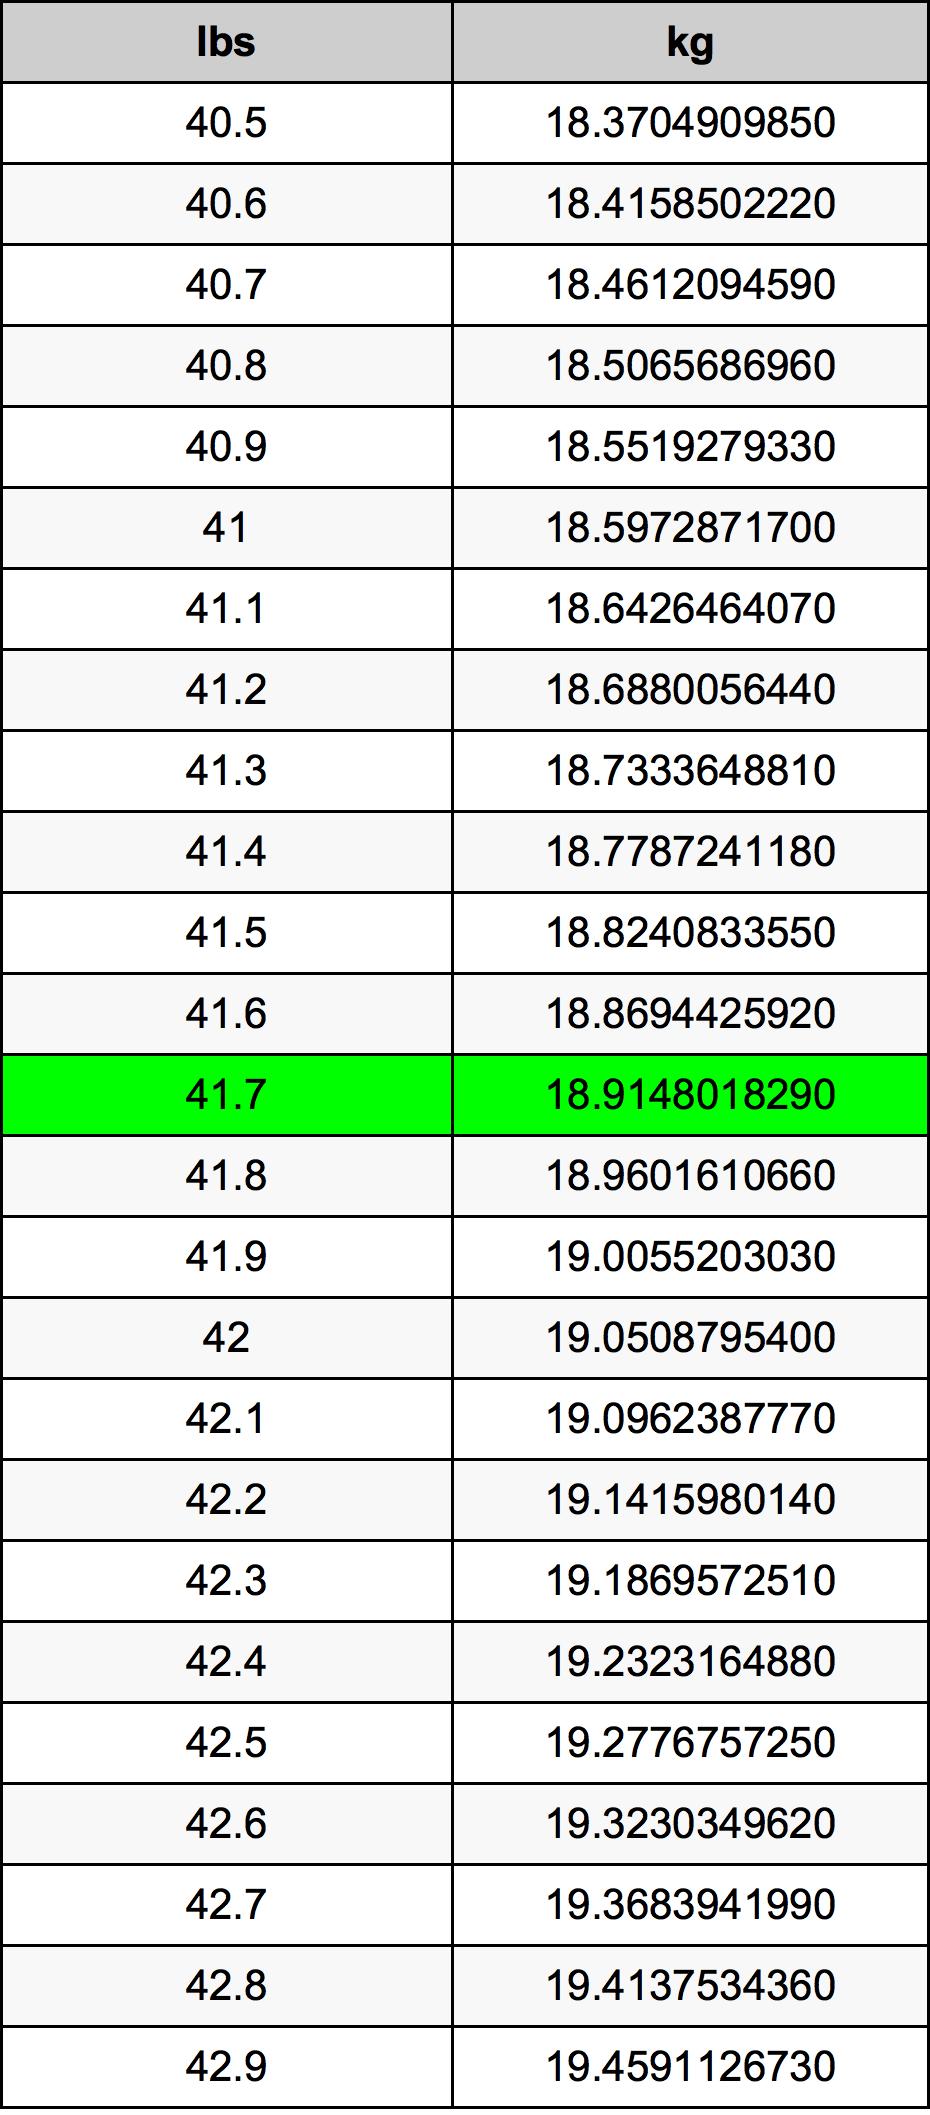 41.7 Libra tabela de conversão